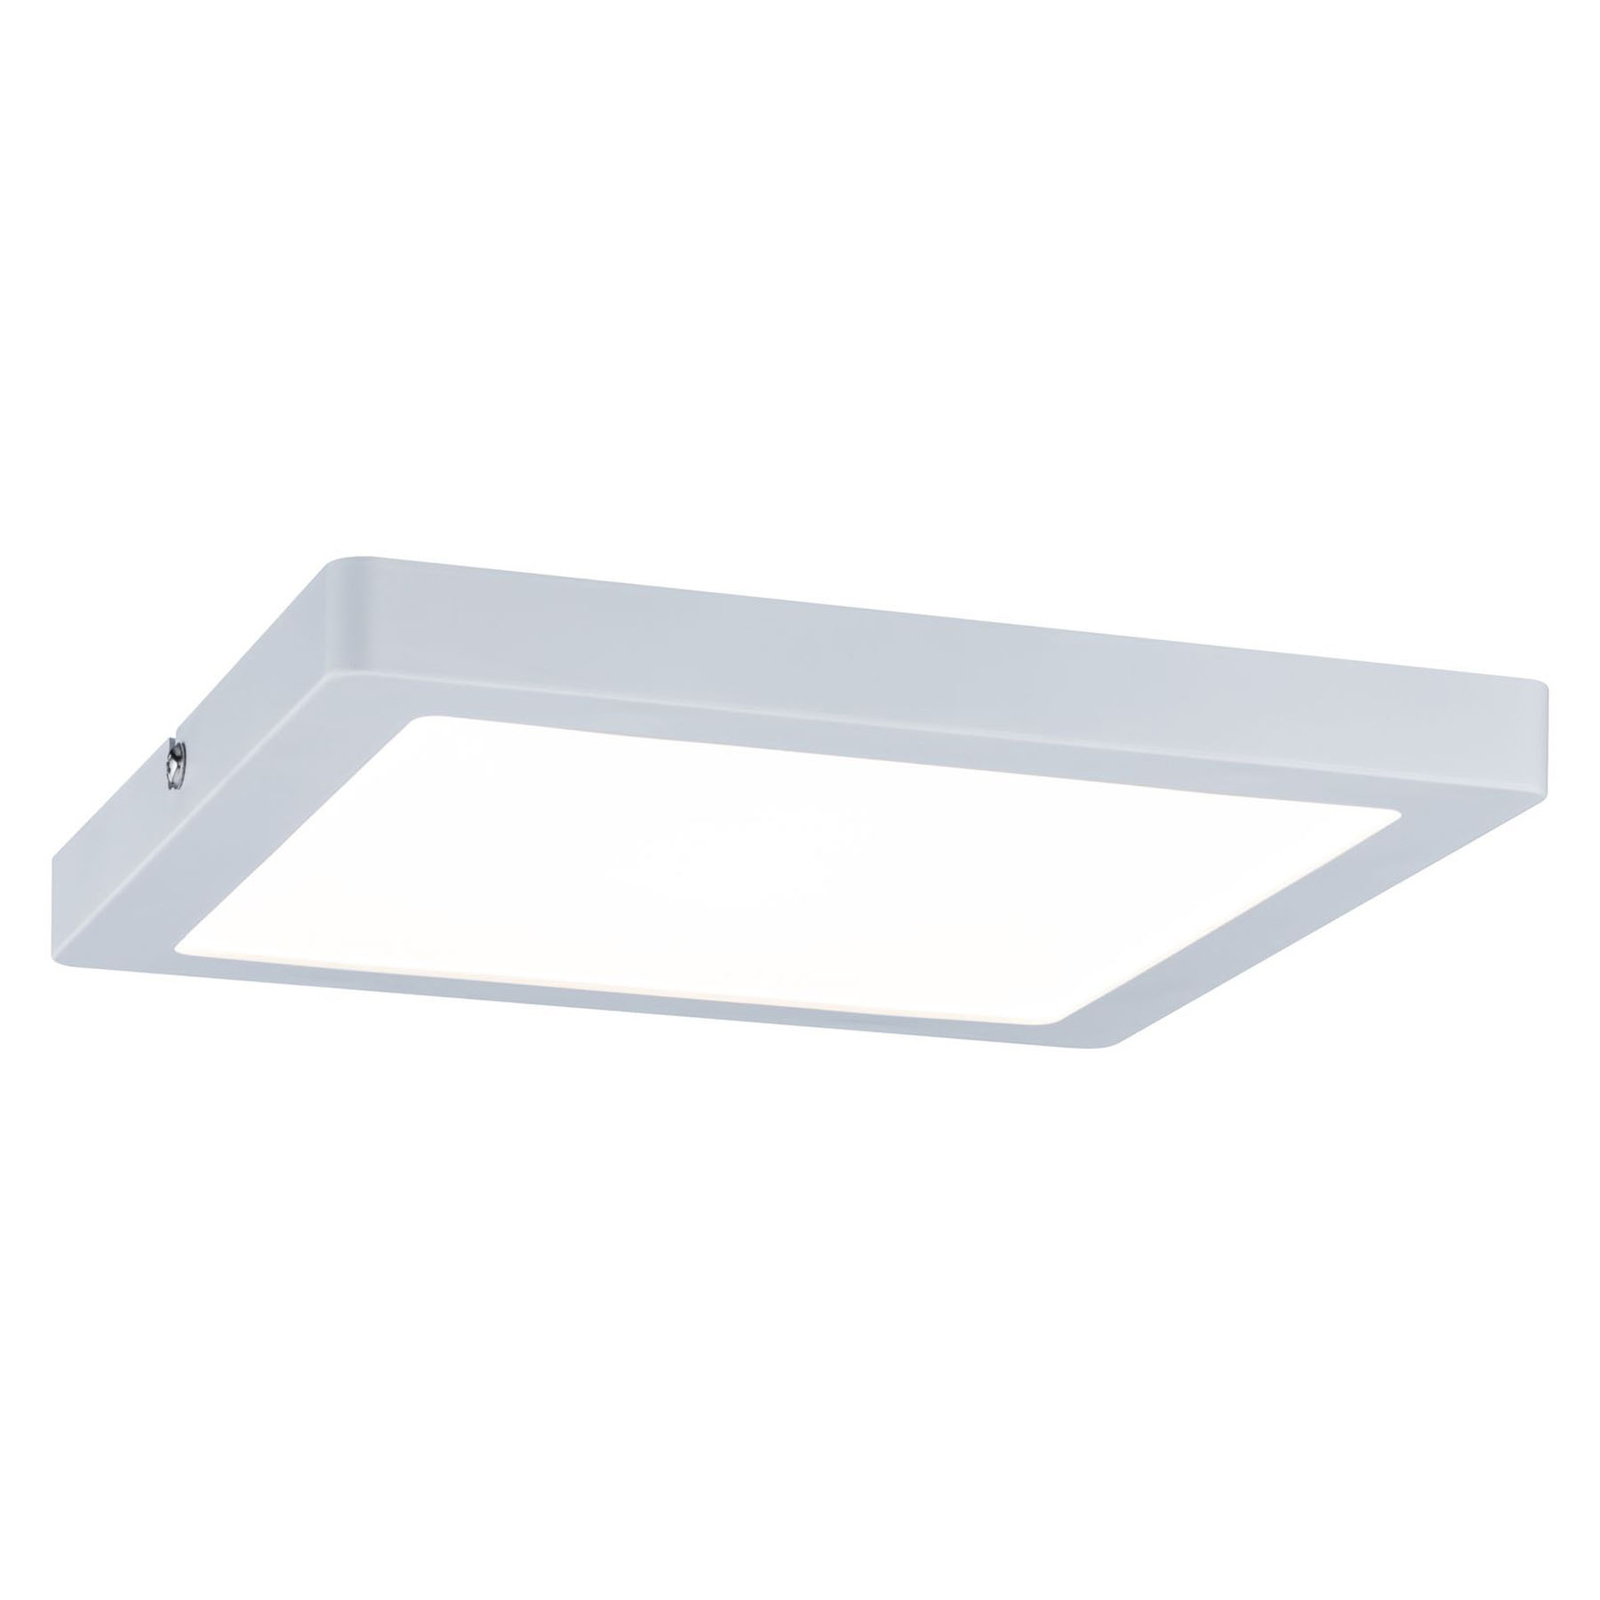 Paulmann Atria plafoniera LED 22x22 cm bianco